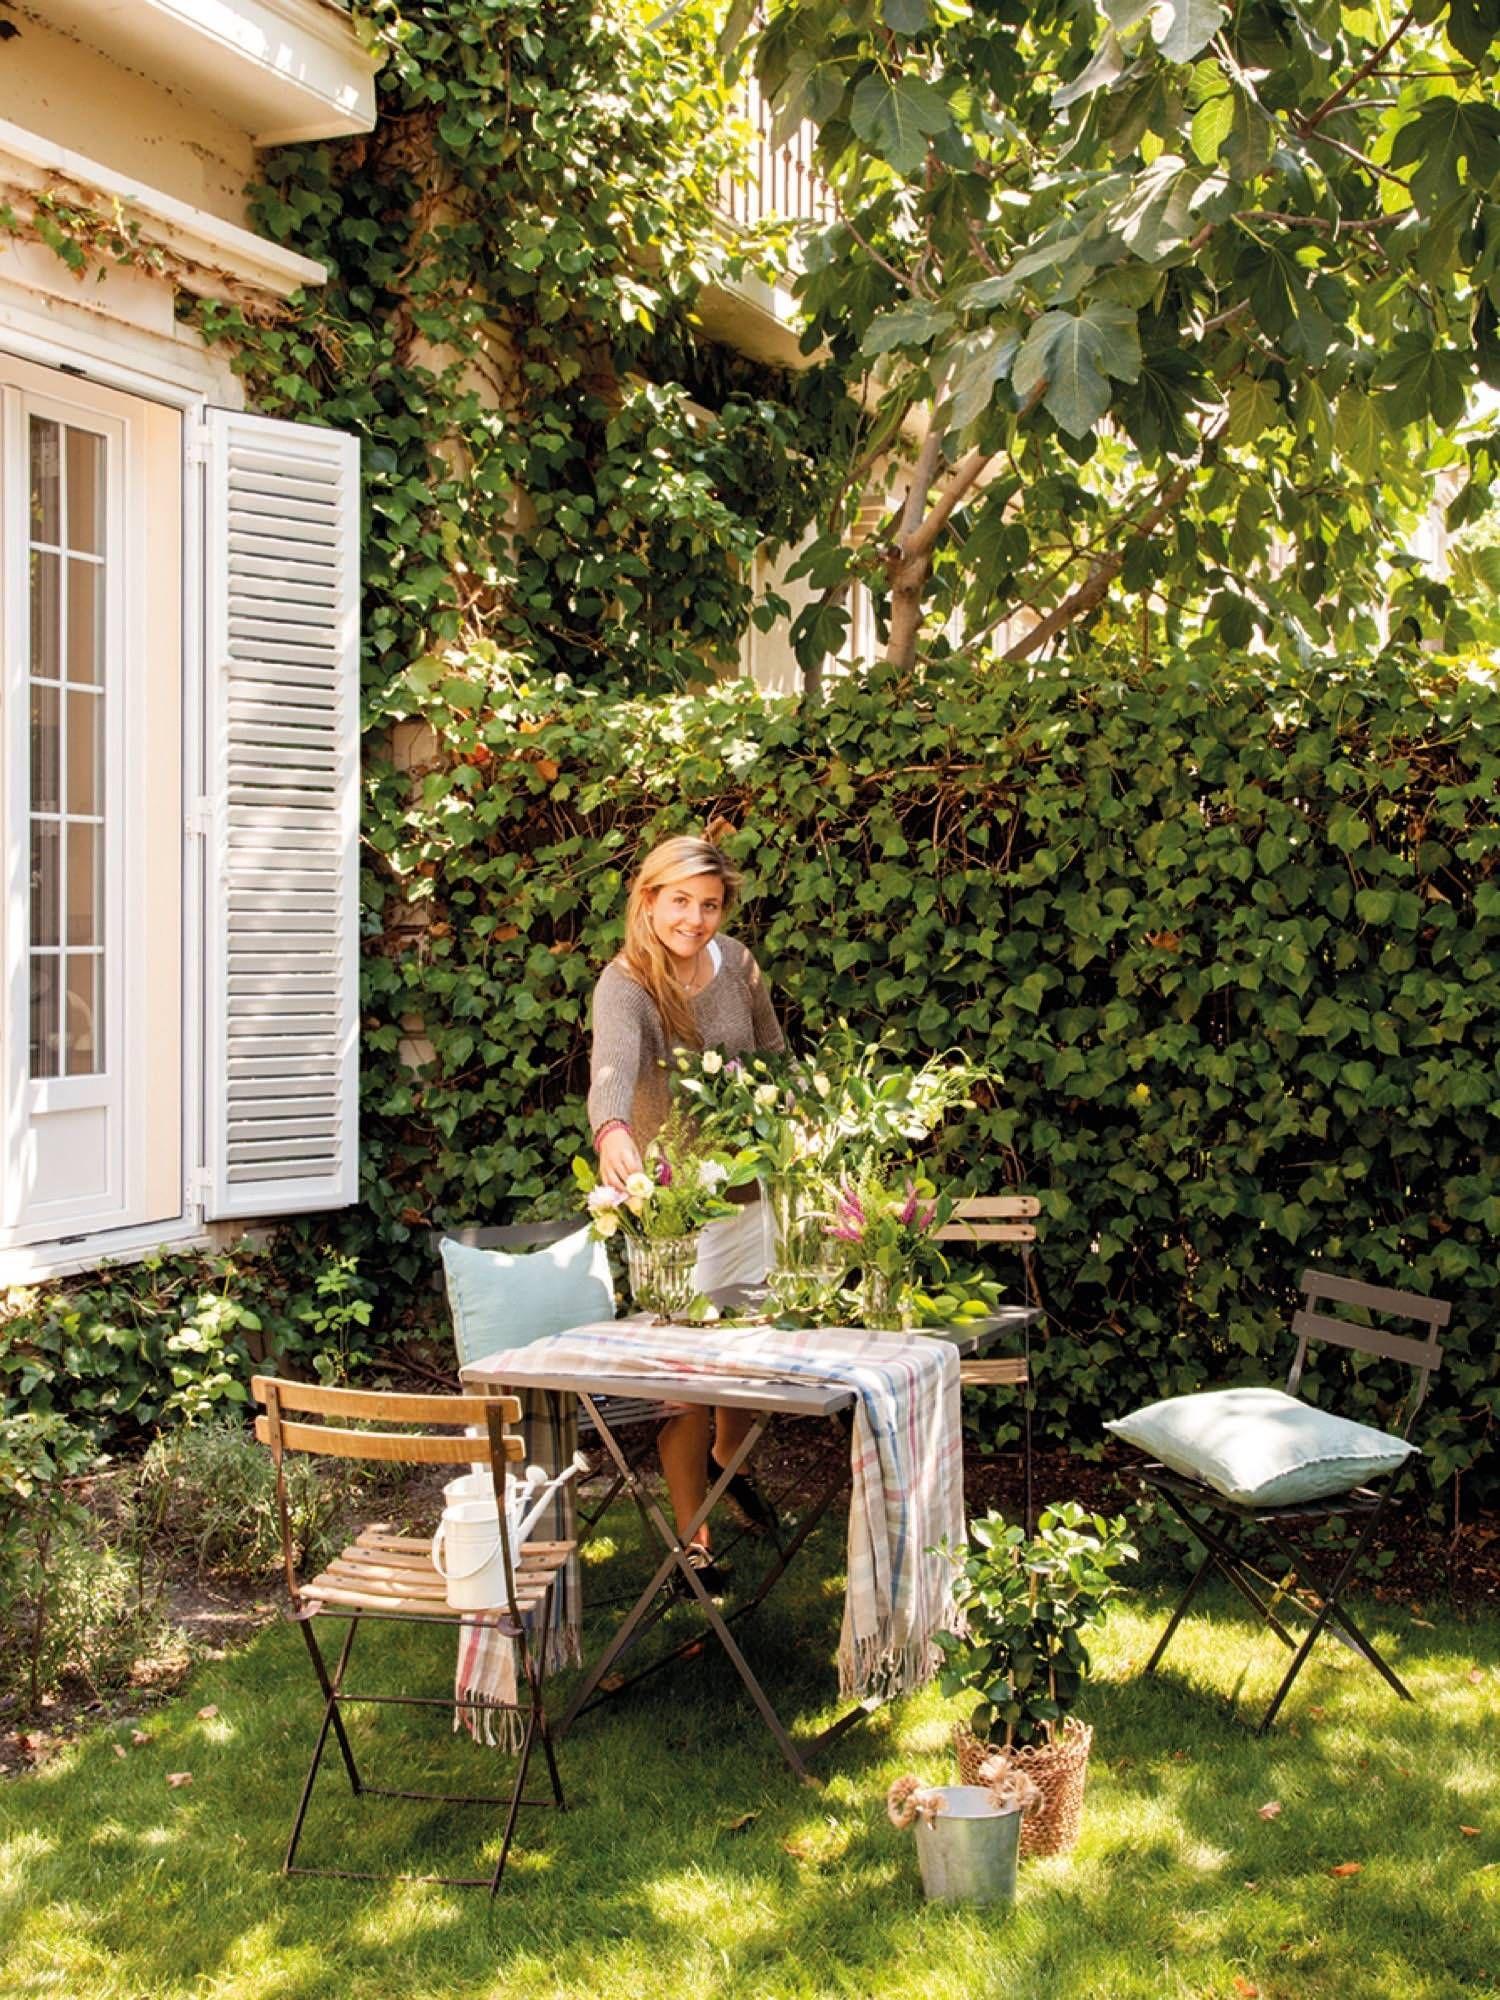 2 Un Mini Piso Con Jardin Backyard Play Spaces Garden Inspiration Outdoor Gardens Backyard mini apartments for seniors